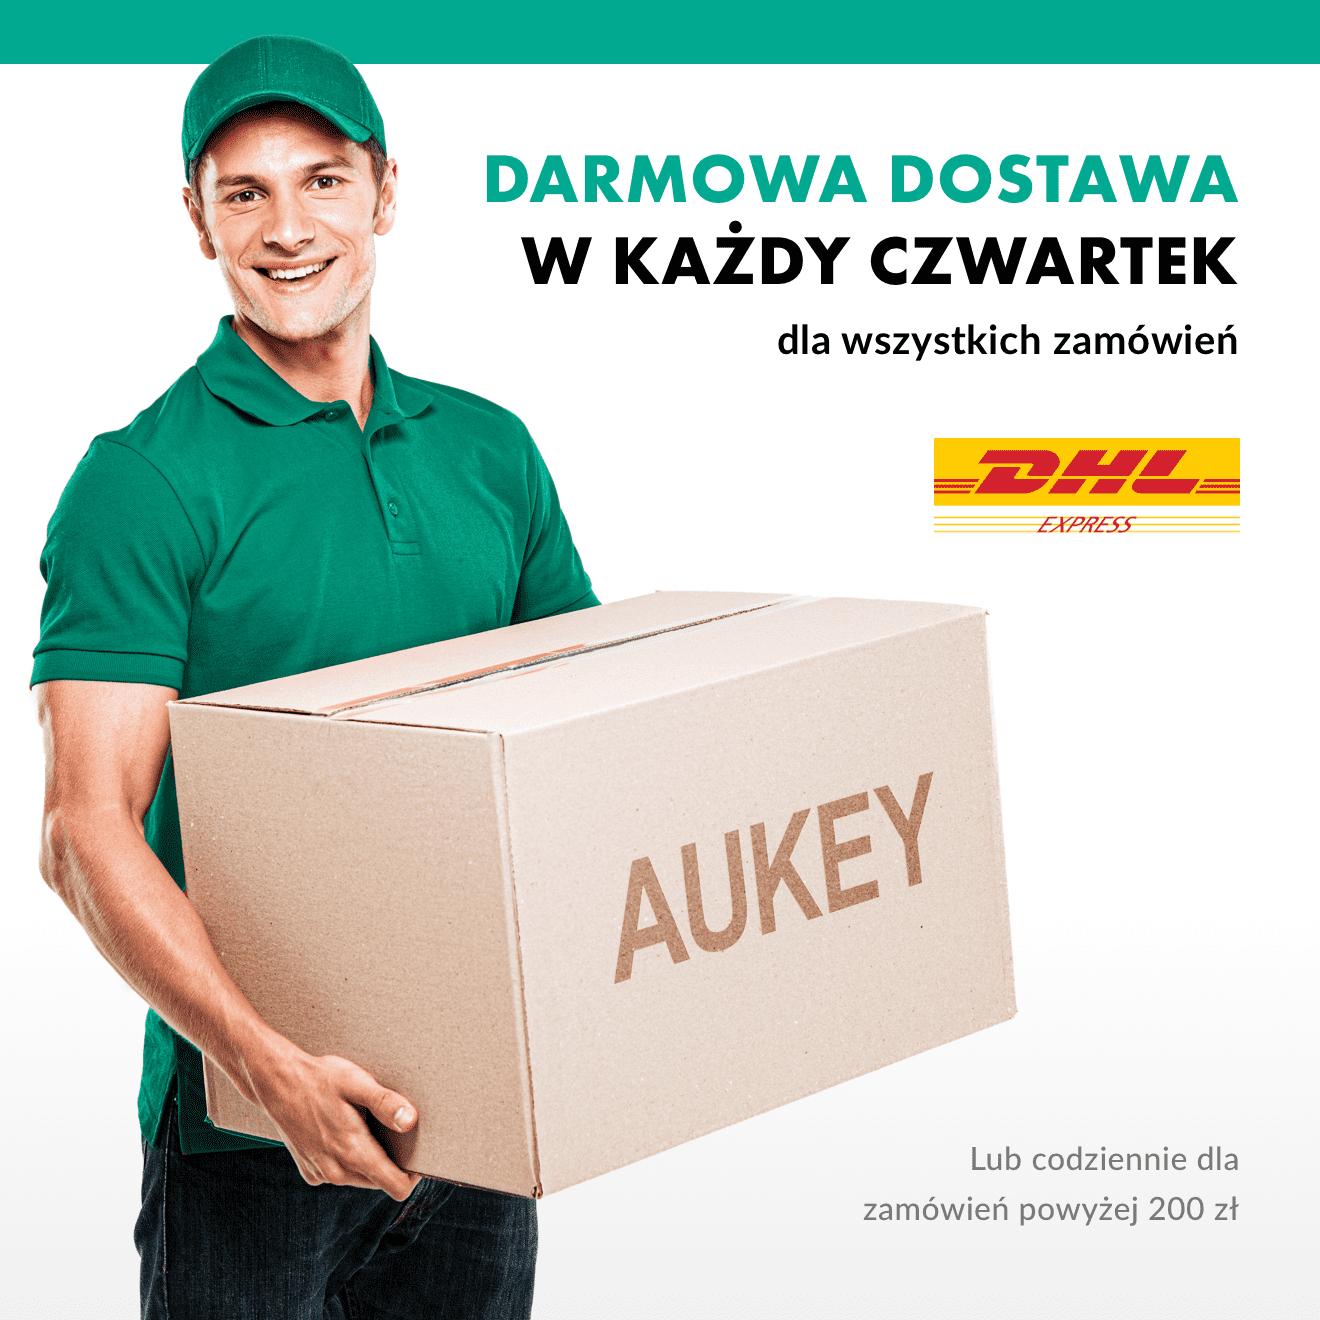 Darmowa przesyłka DHL w oficjalnym sklepie aukey.pl!